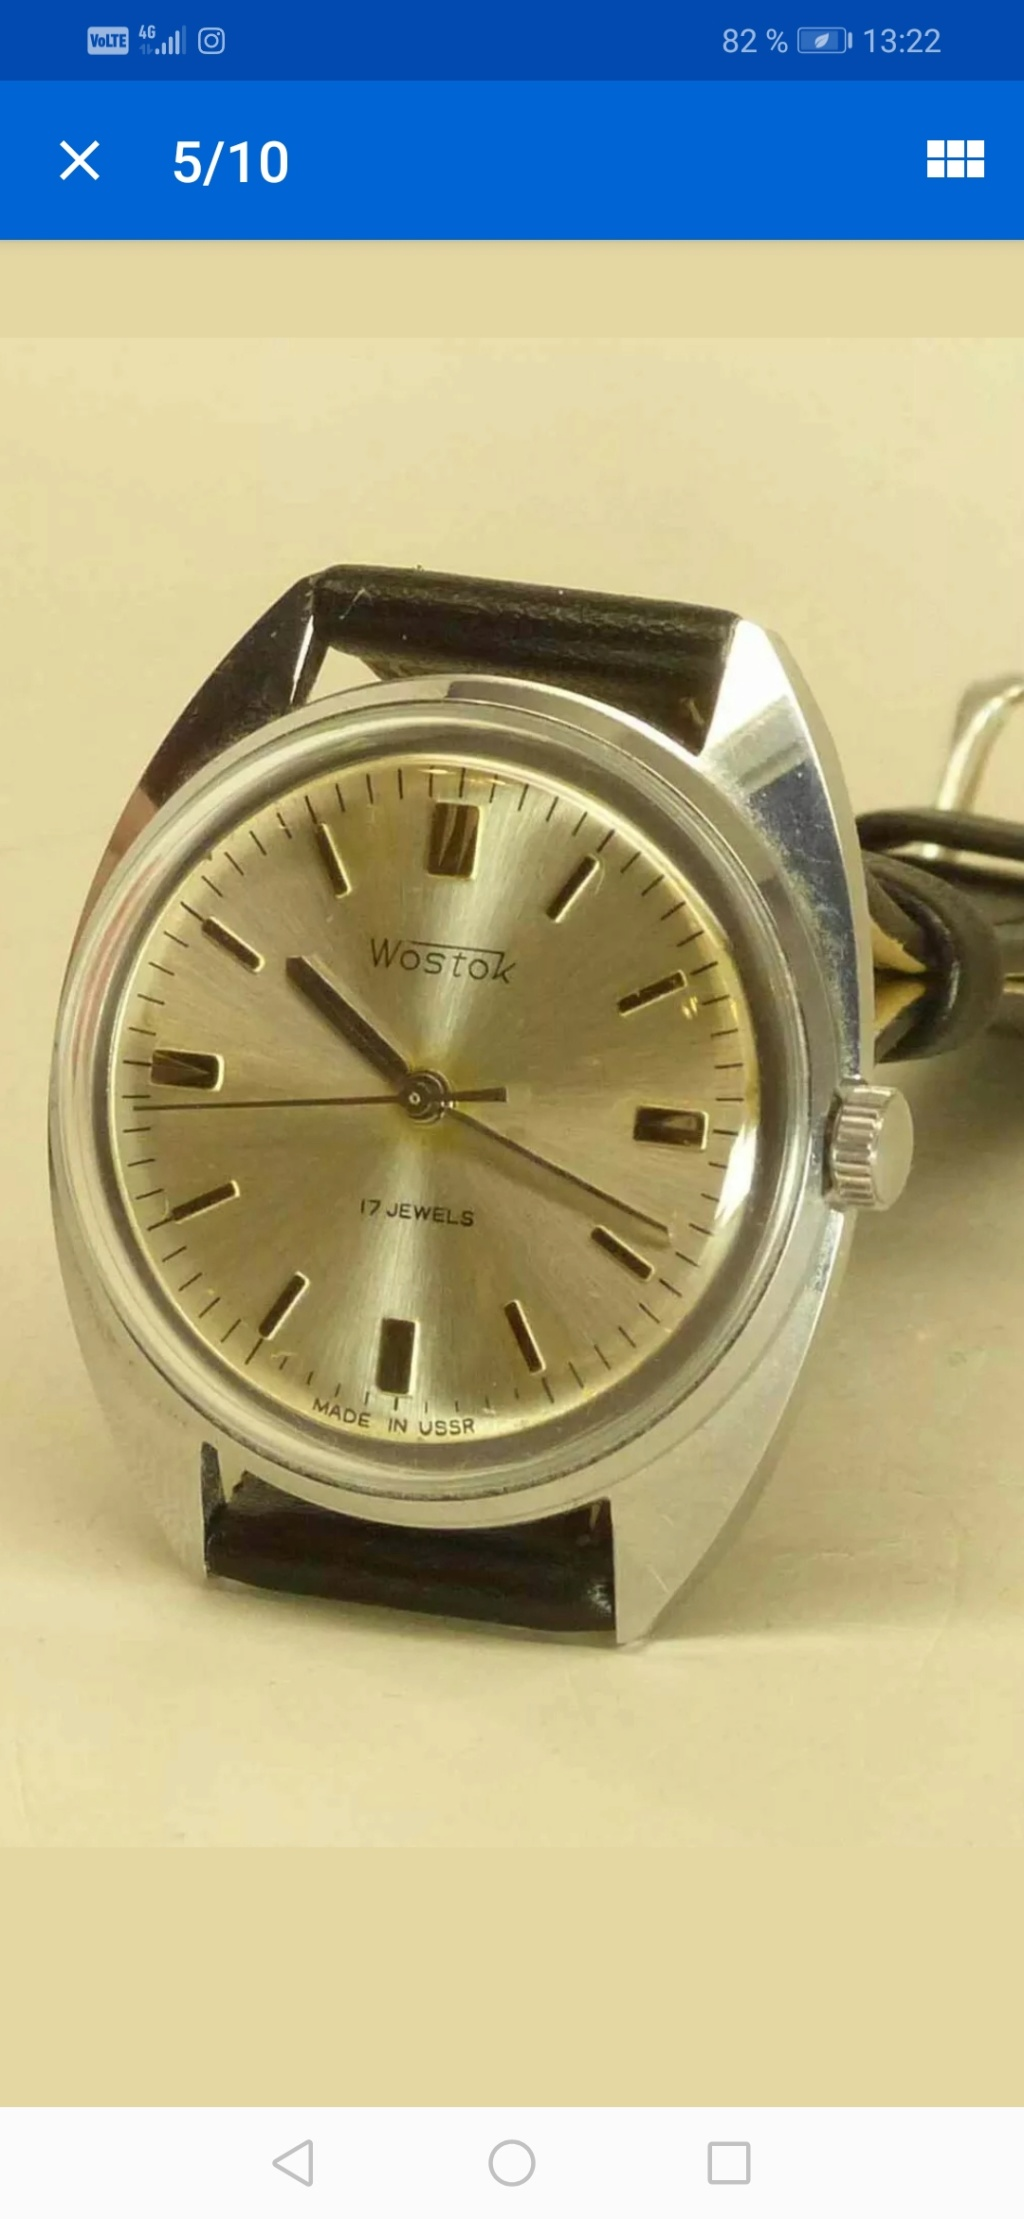 Mido -  [Postez ICI les demandes d'IDENTIFICATION et RENSEIGNEMENTS de vos montres] - Page 35 Screen10